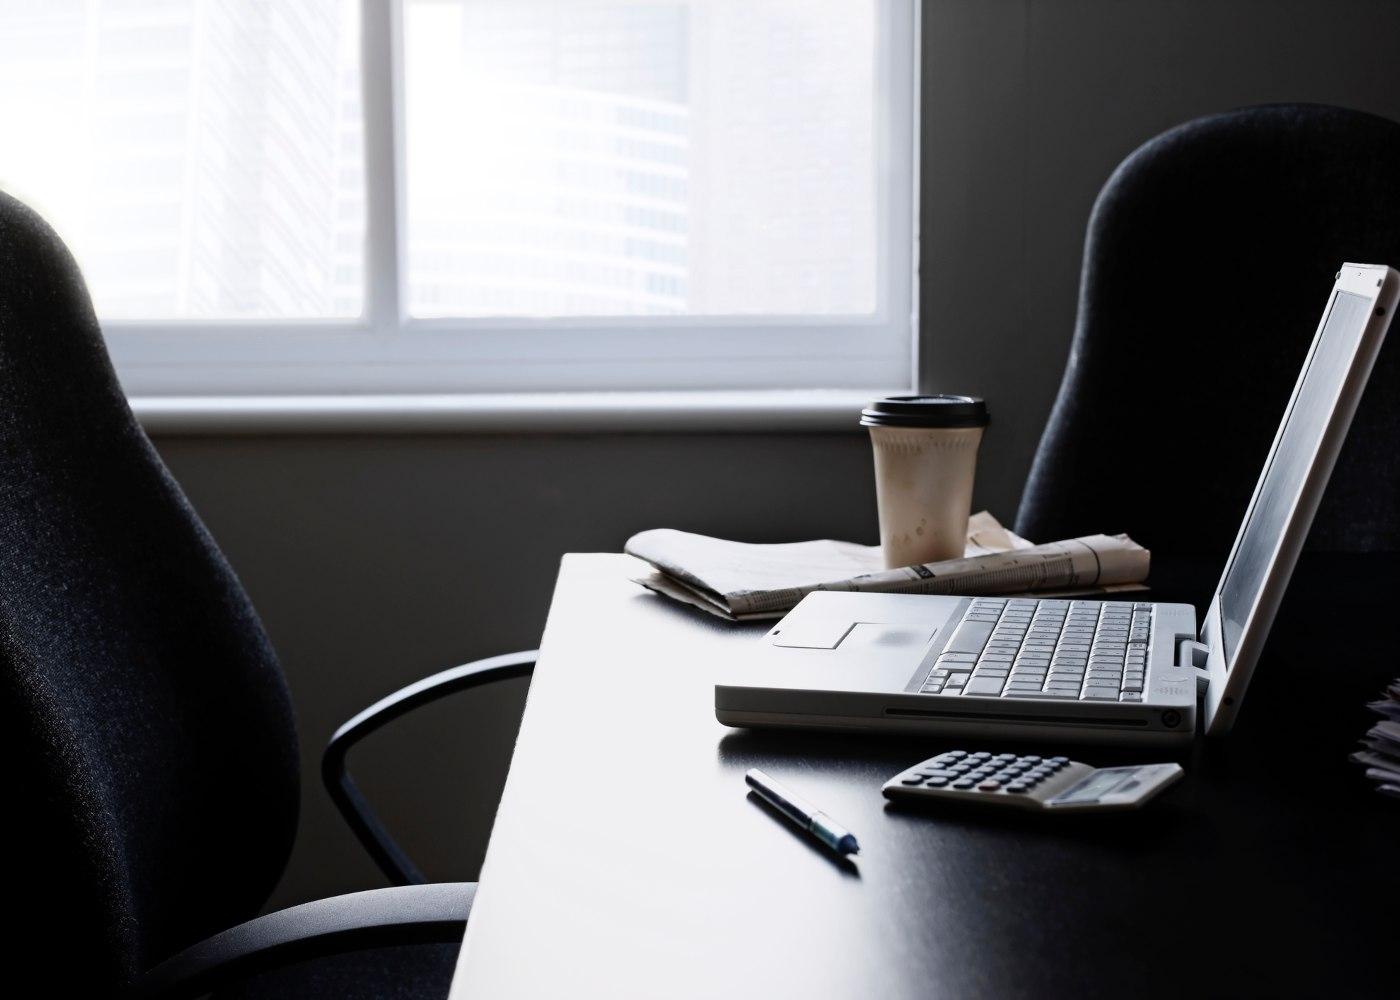 sala de trabalho com computador na mesa mas sem ninguém